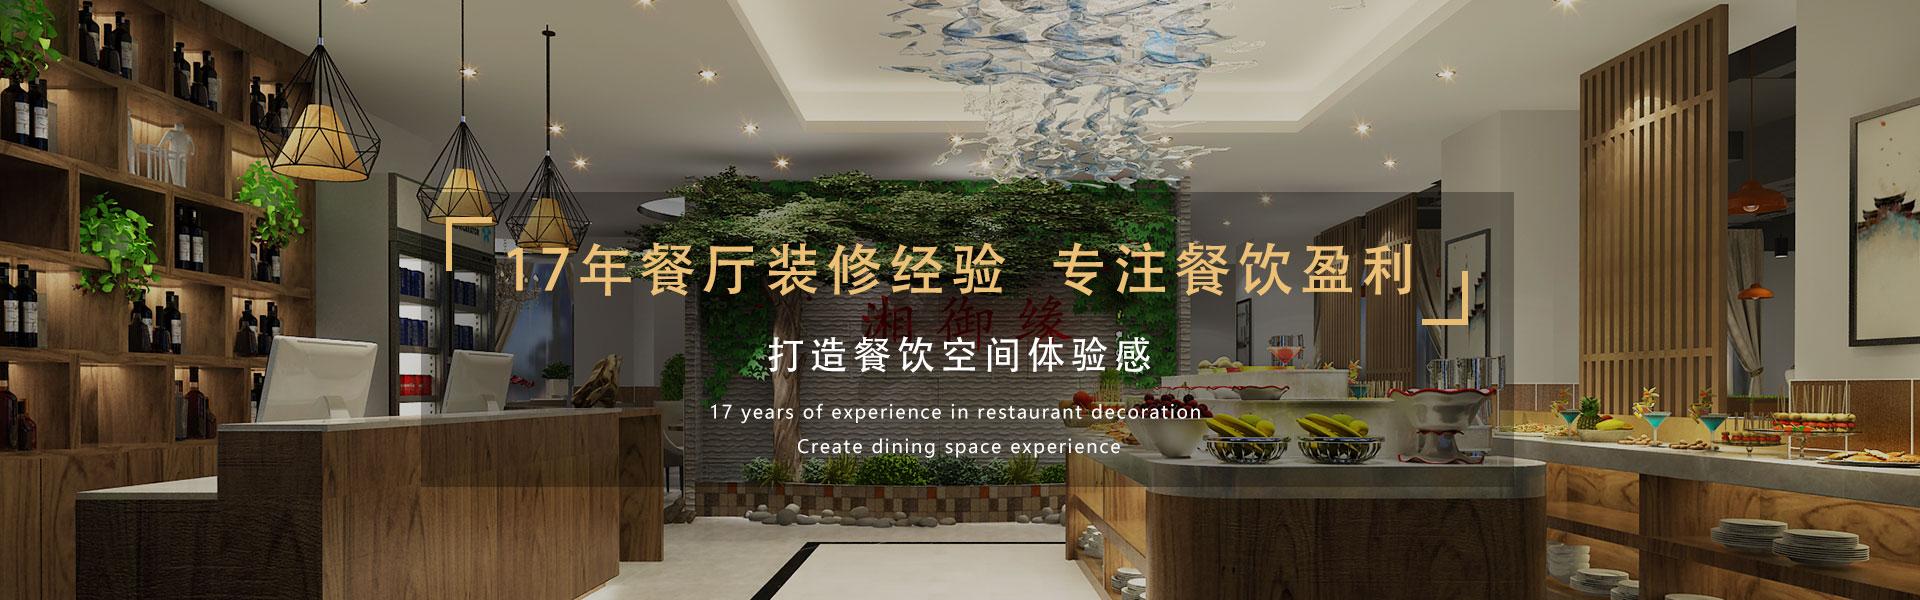 深圳餐厅亚搏体育app官方ios效果图